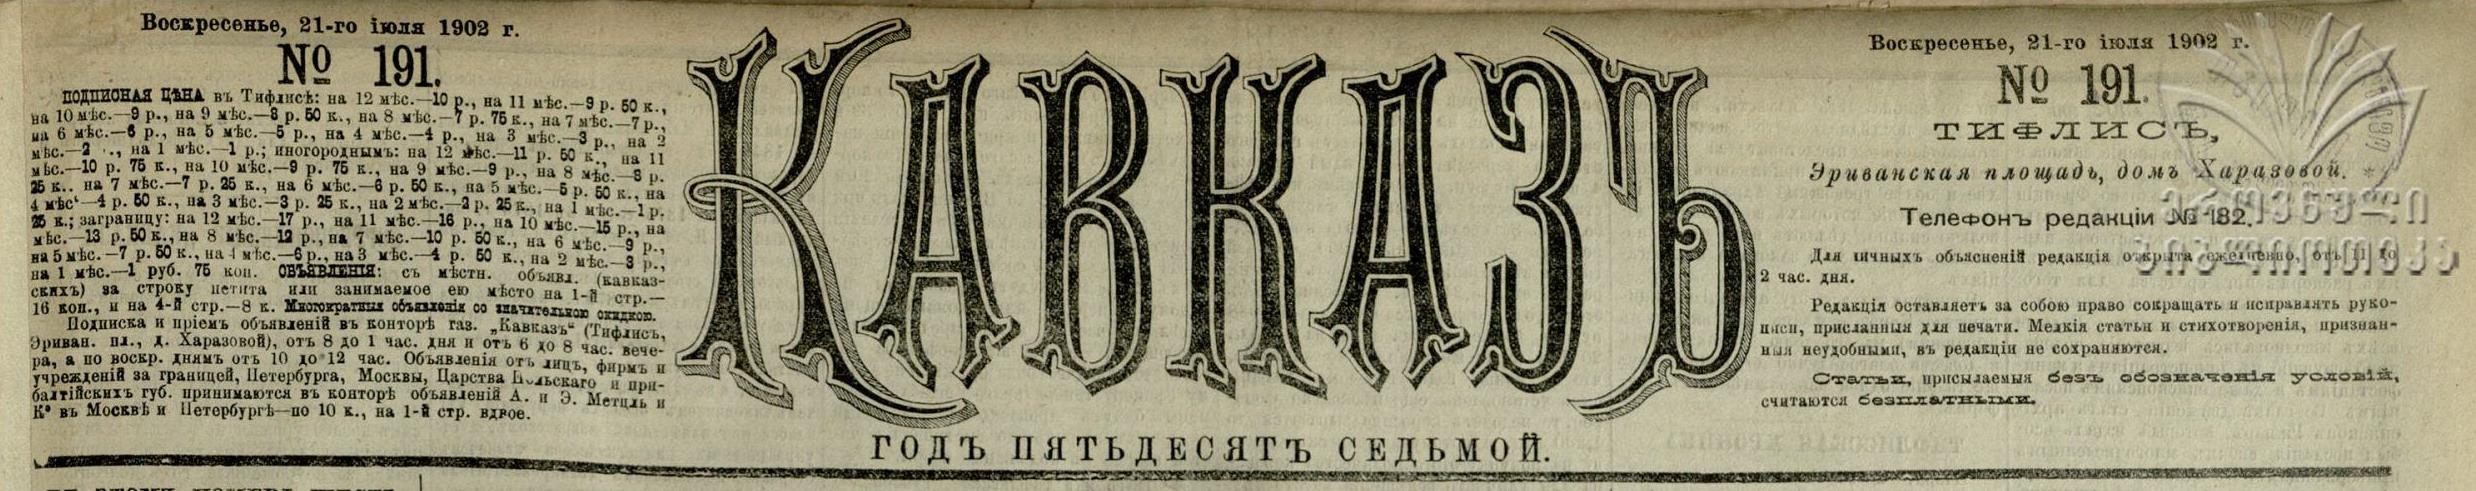 Kavkaz_1902_N191(1).jpg